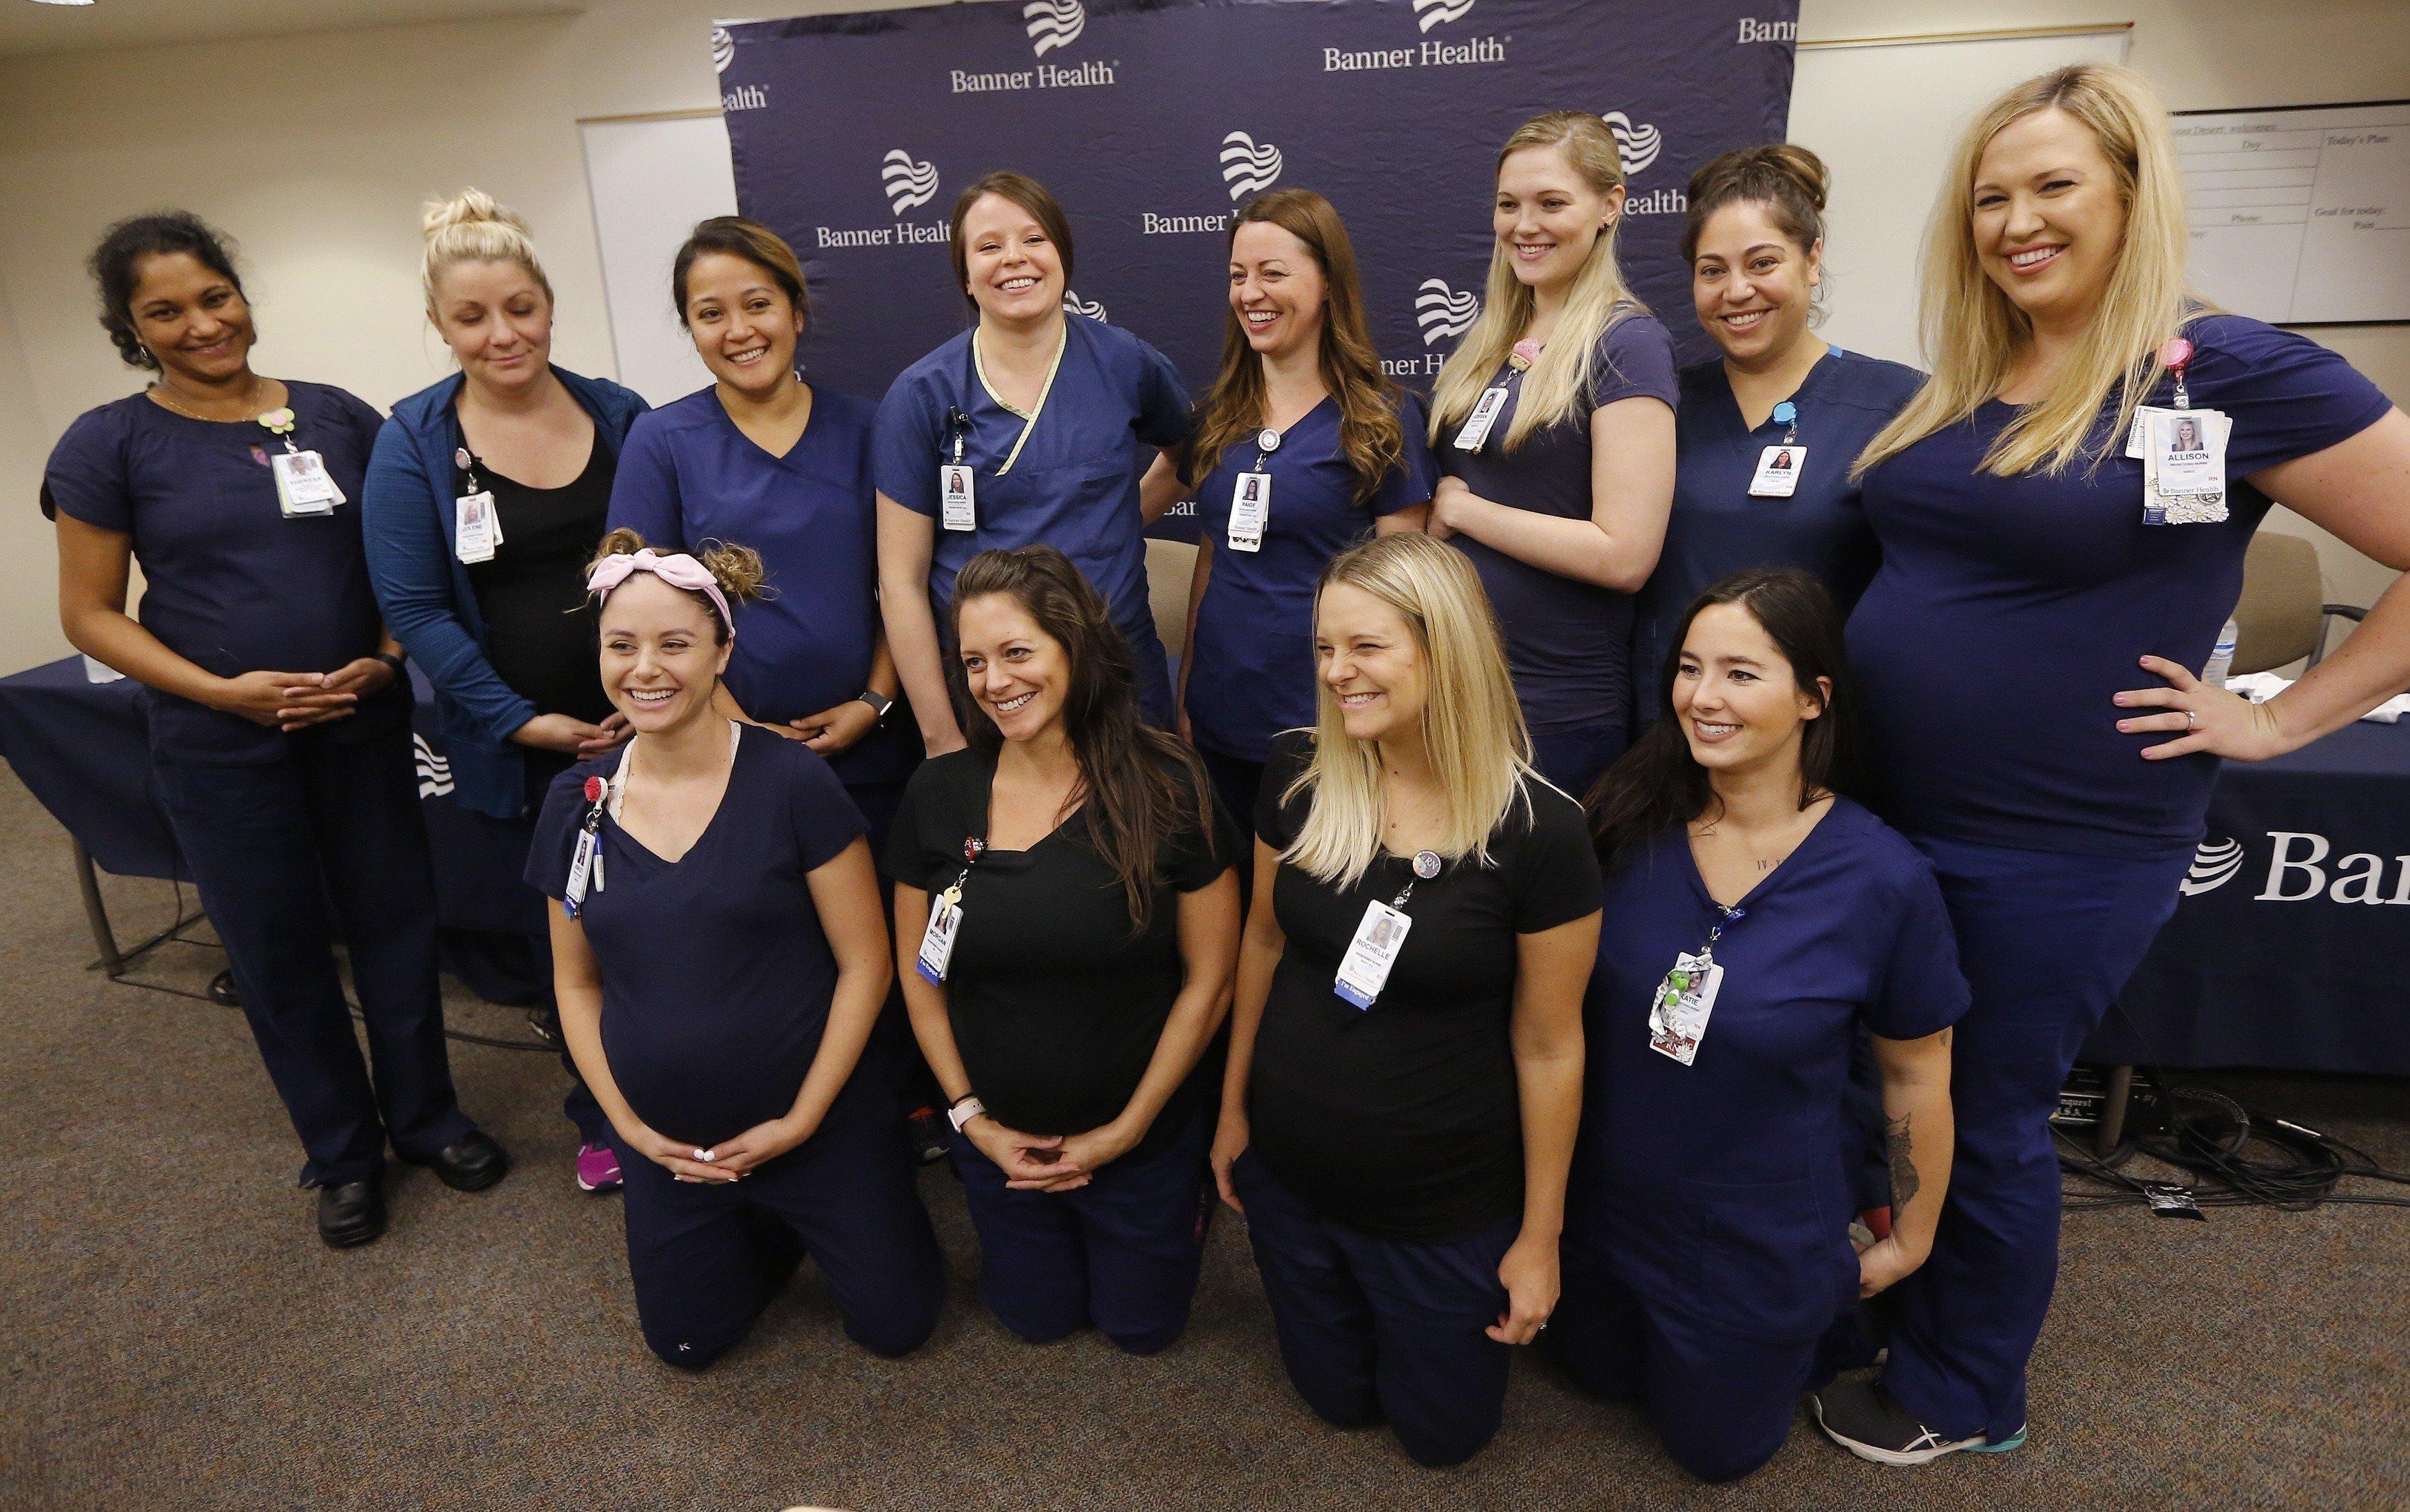 Одновременная беременность сотрудниц отделения интенсивной терапии вызвала настолько большой интерес, что они дали пресс-конференцию для журналистов